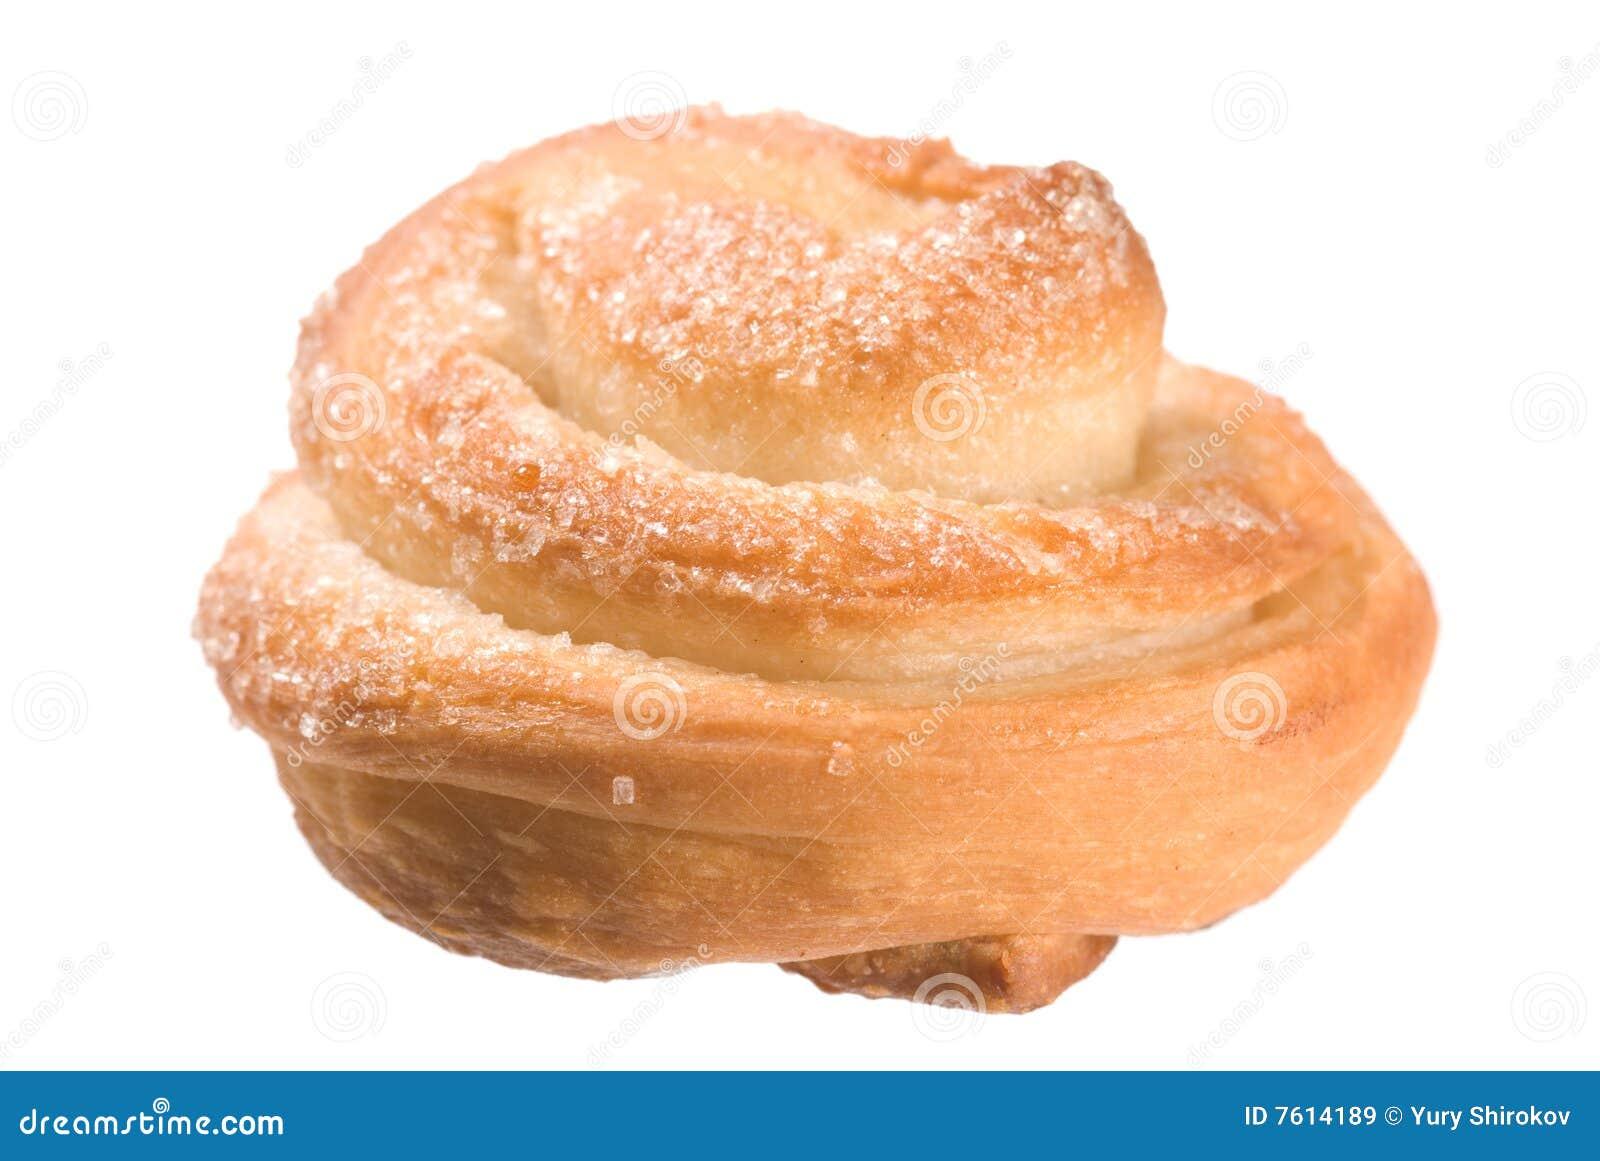 小圆面包糖